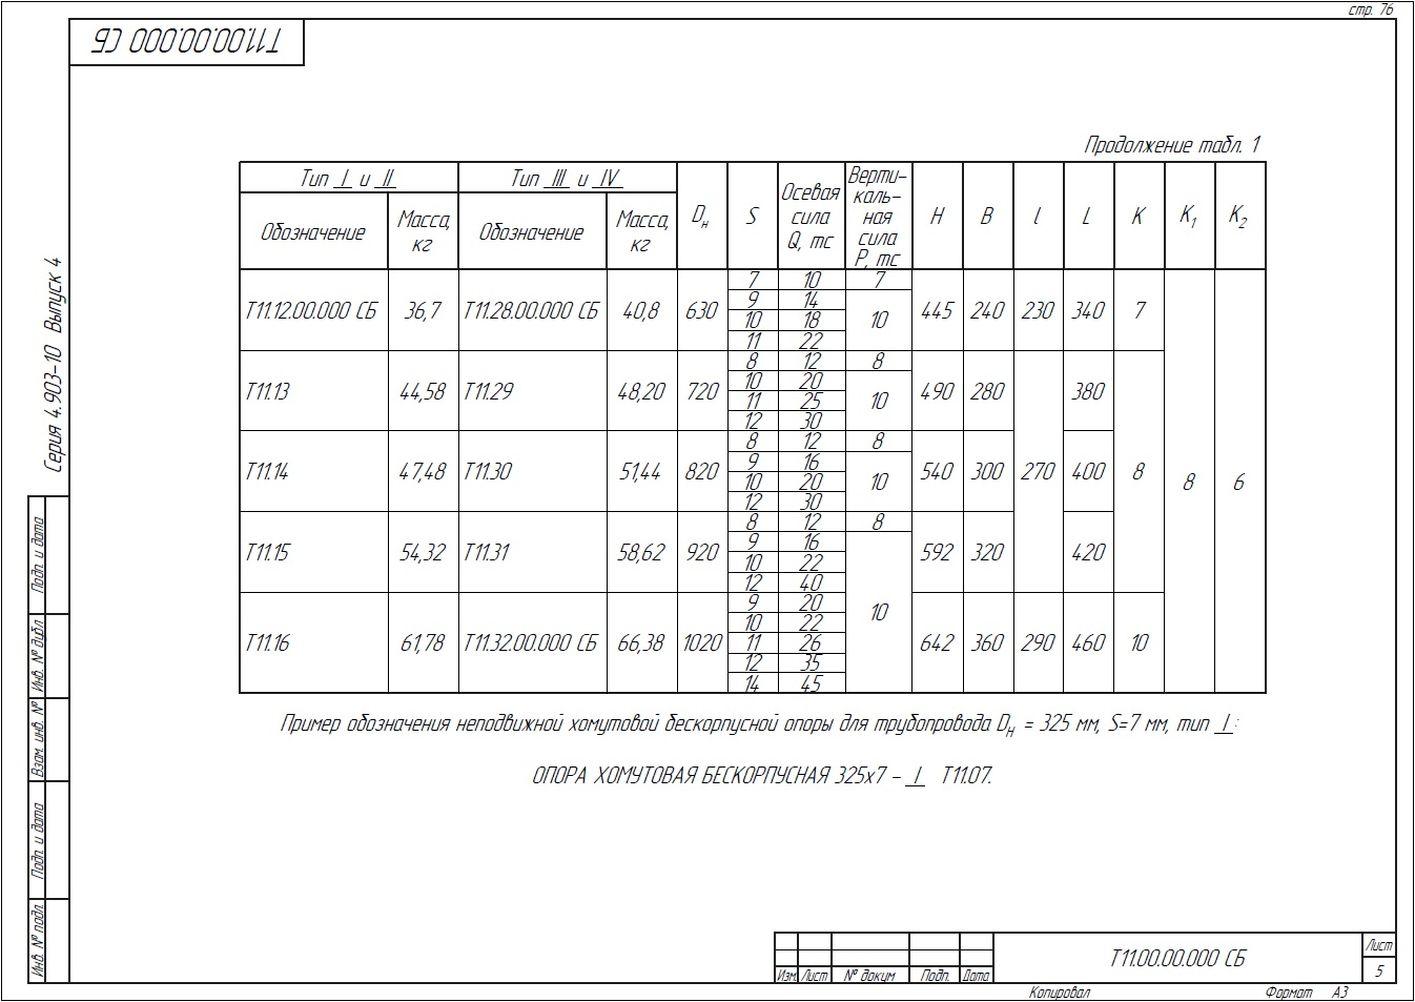 Опора неподвижная хомутовая бескорпусная Т11 серия 4.903-10 вып.4 стр.5